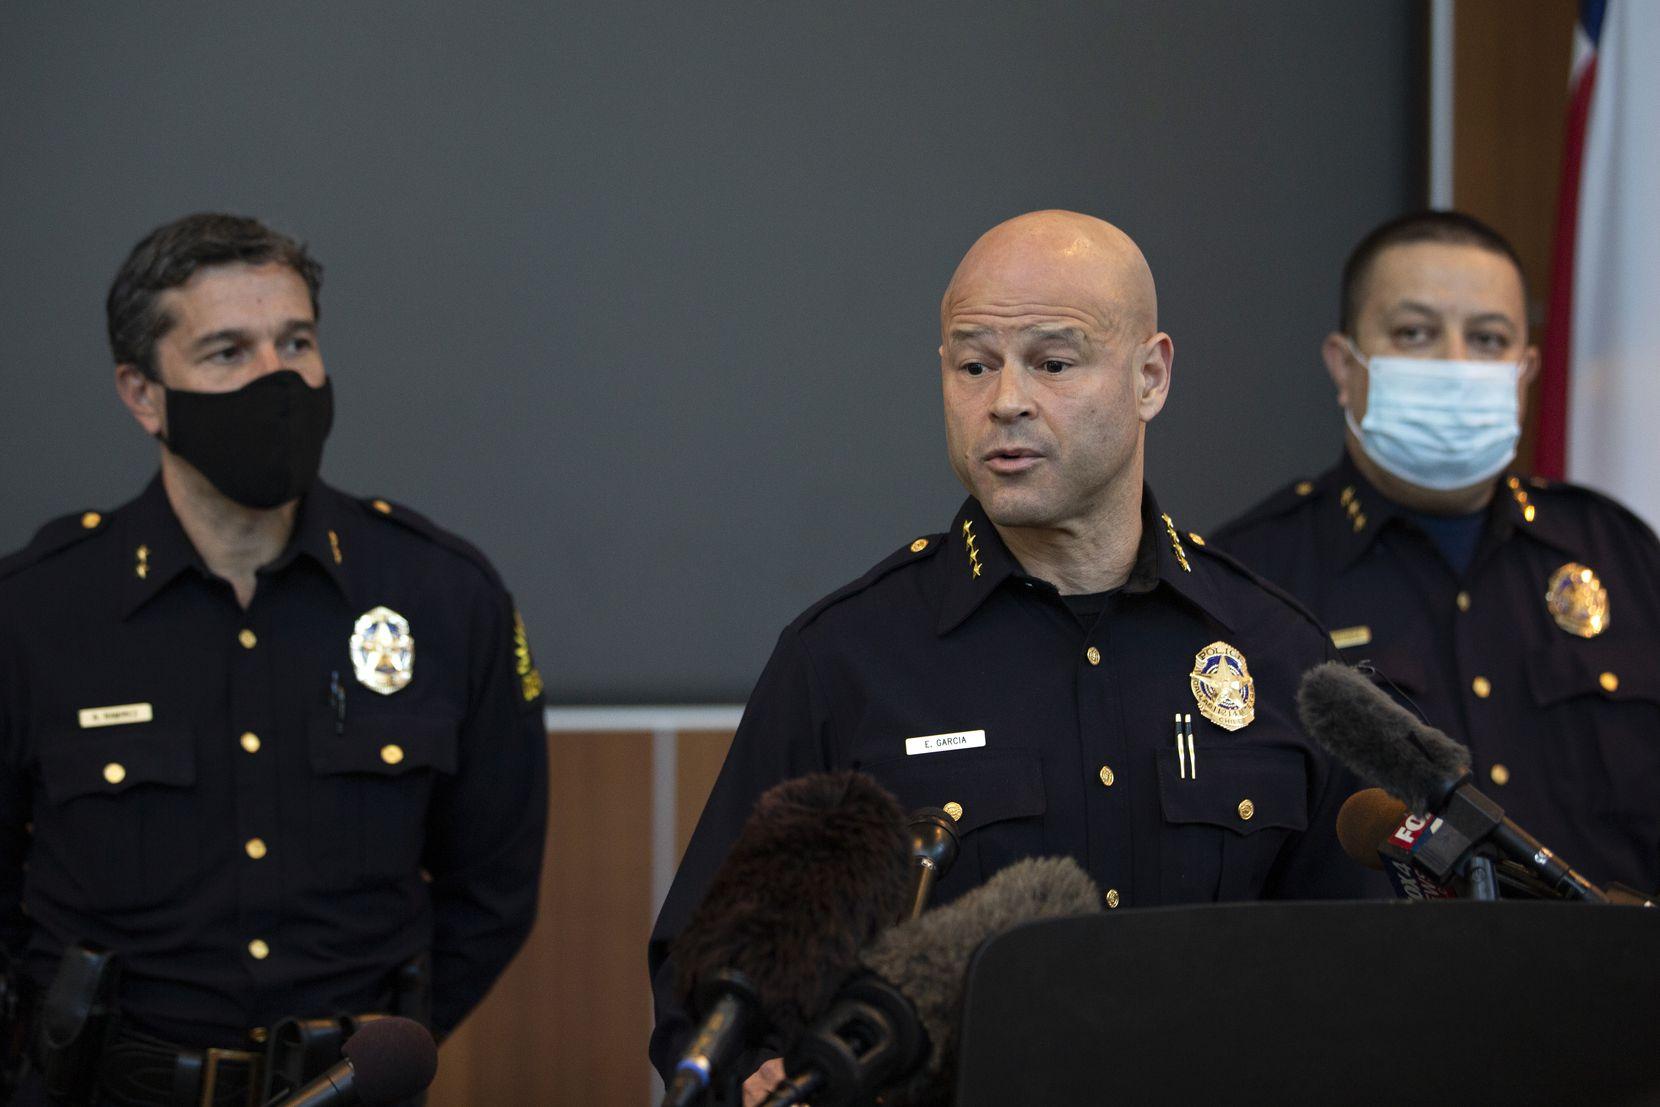 El jefe de policía de Dallas, Eddie García, habla en una conferencia de prensa para discutir información sobre la liberación del exoficial de policía de Dallas Bryan Riser en la sede de la policía de Dallas, el 8 de abril de 2021.